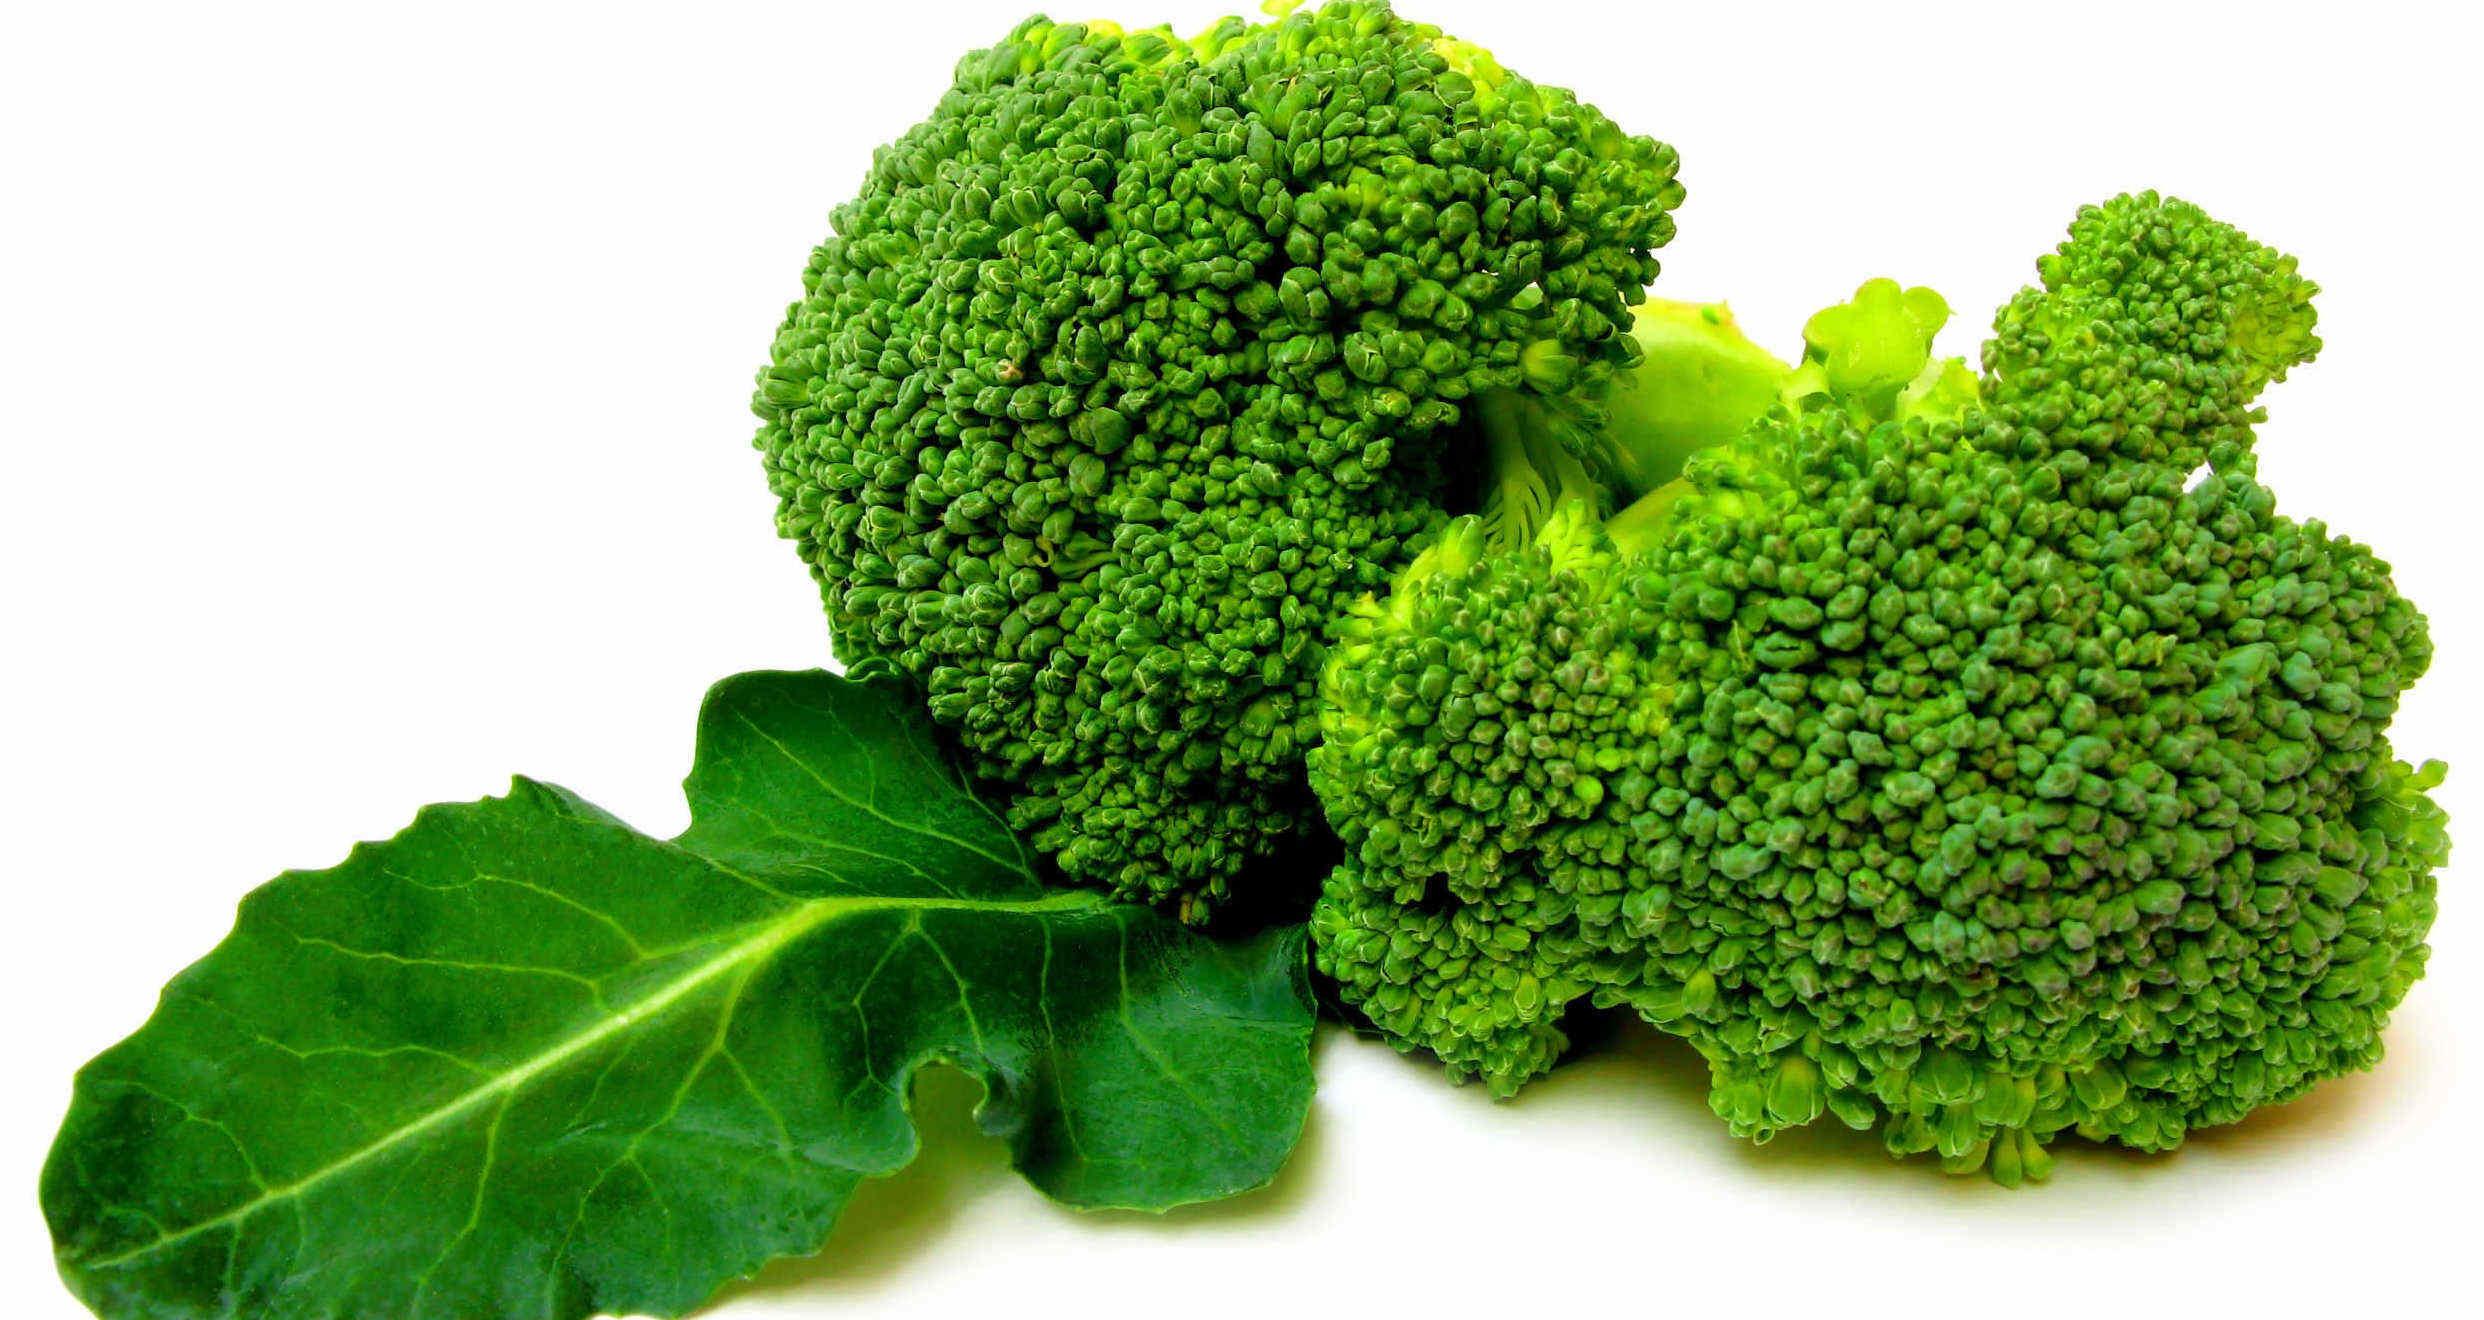 Imagen en color de dos tallos de brócoli con una hoja grande verde, en un fondo blanco